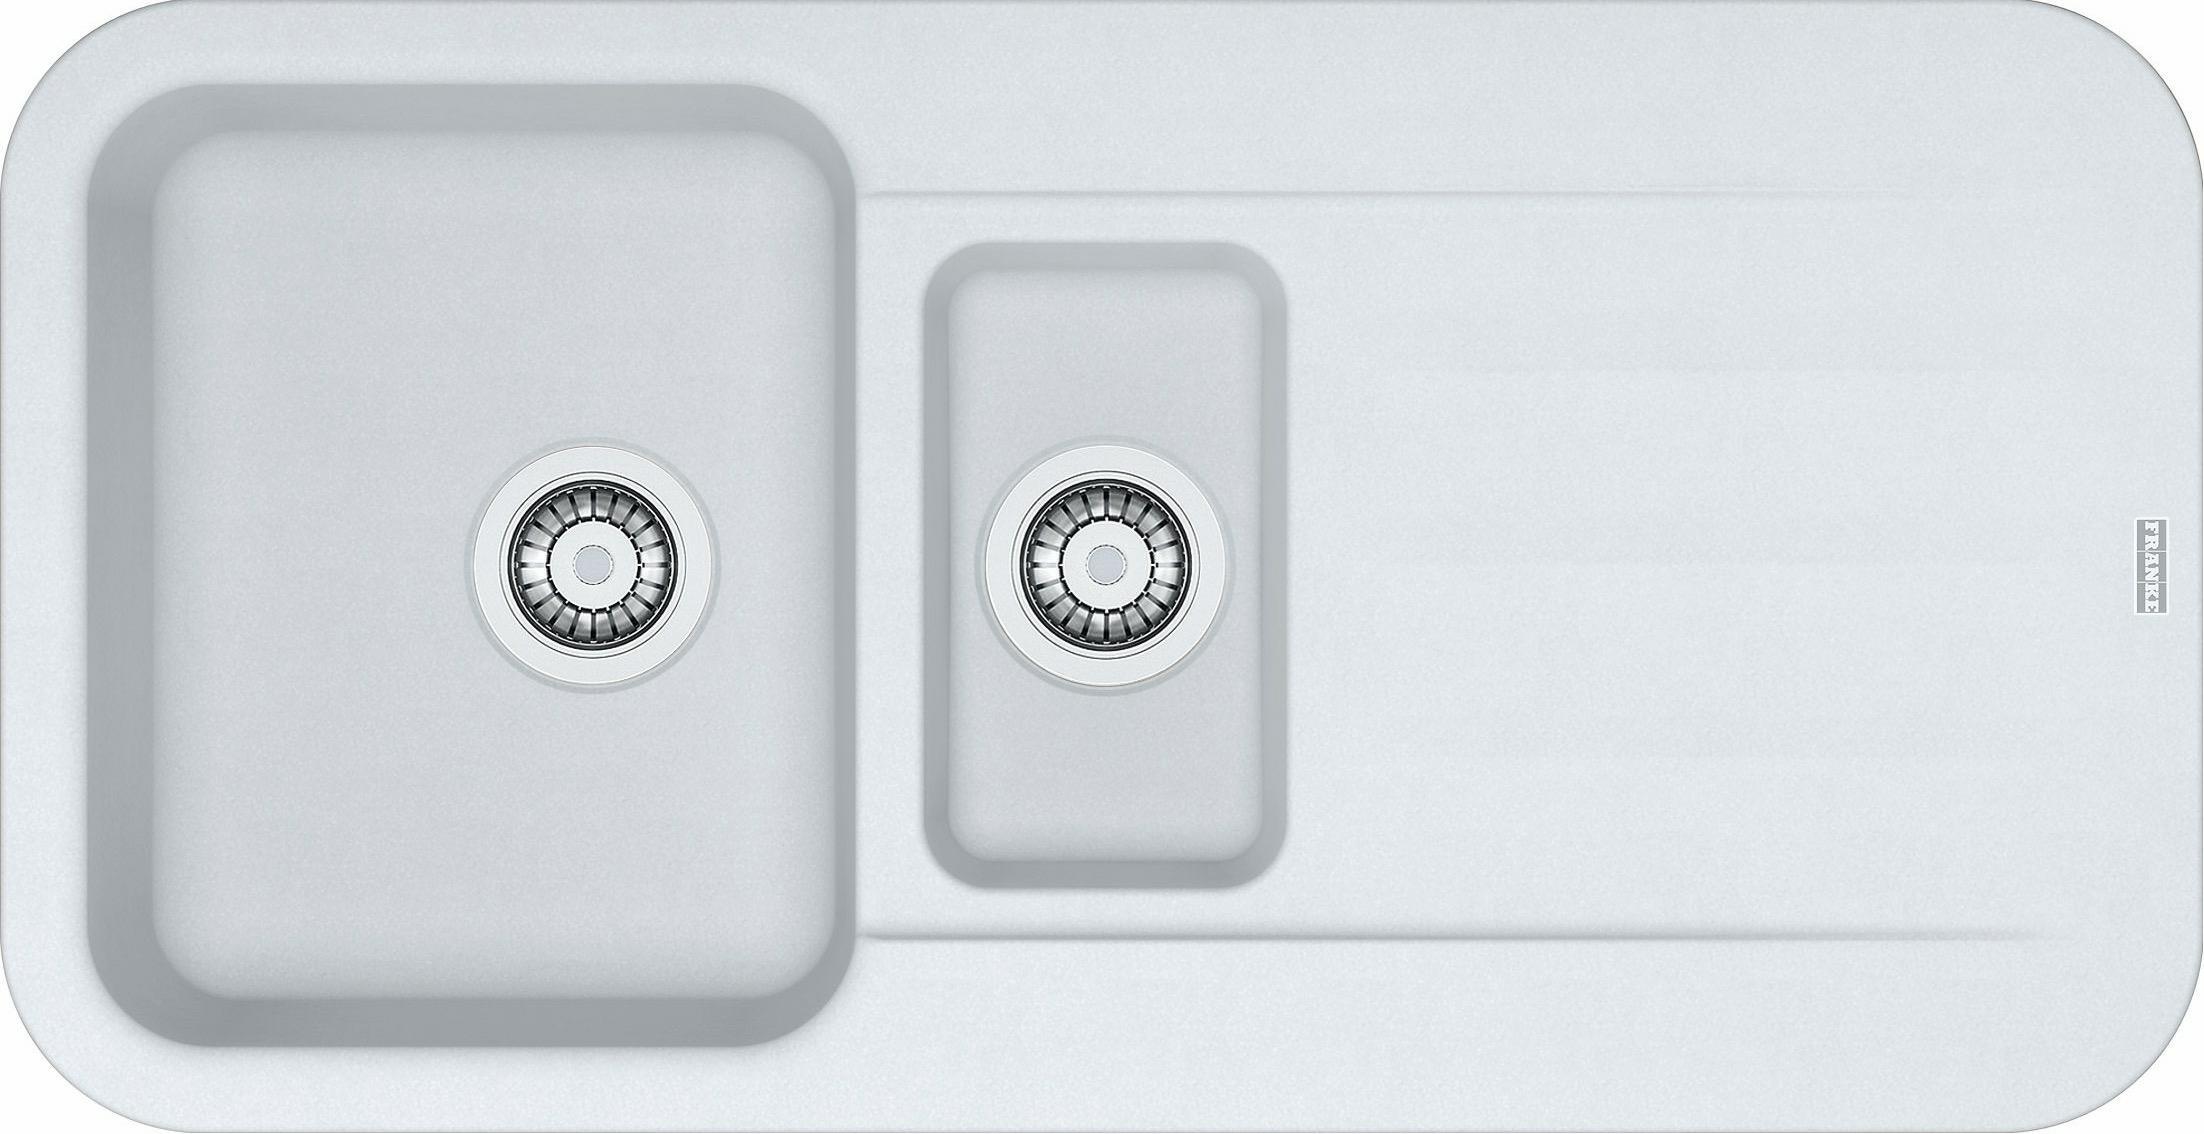 Spoelbak Keuken Zwart : spoelbak kunststof Franke Topklasse PBG651MW1 spoelbak kunststof PBG